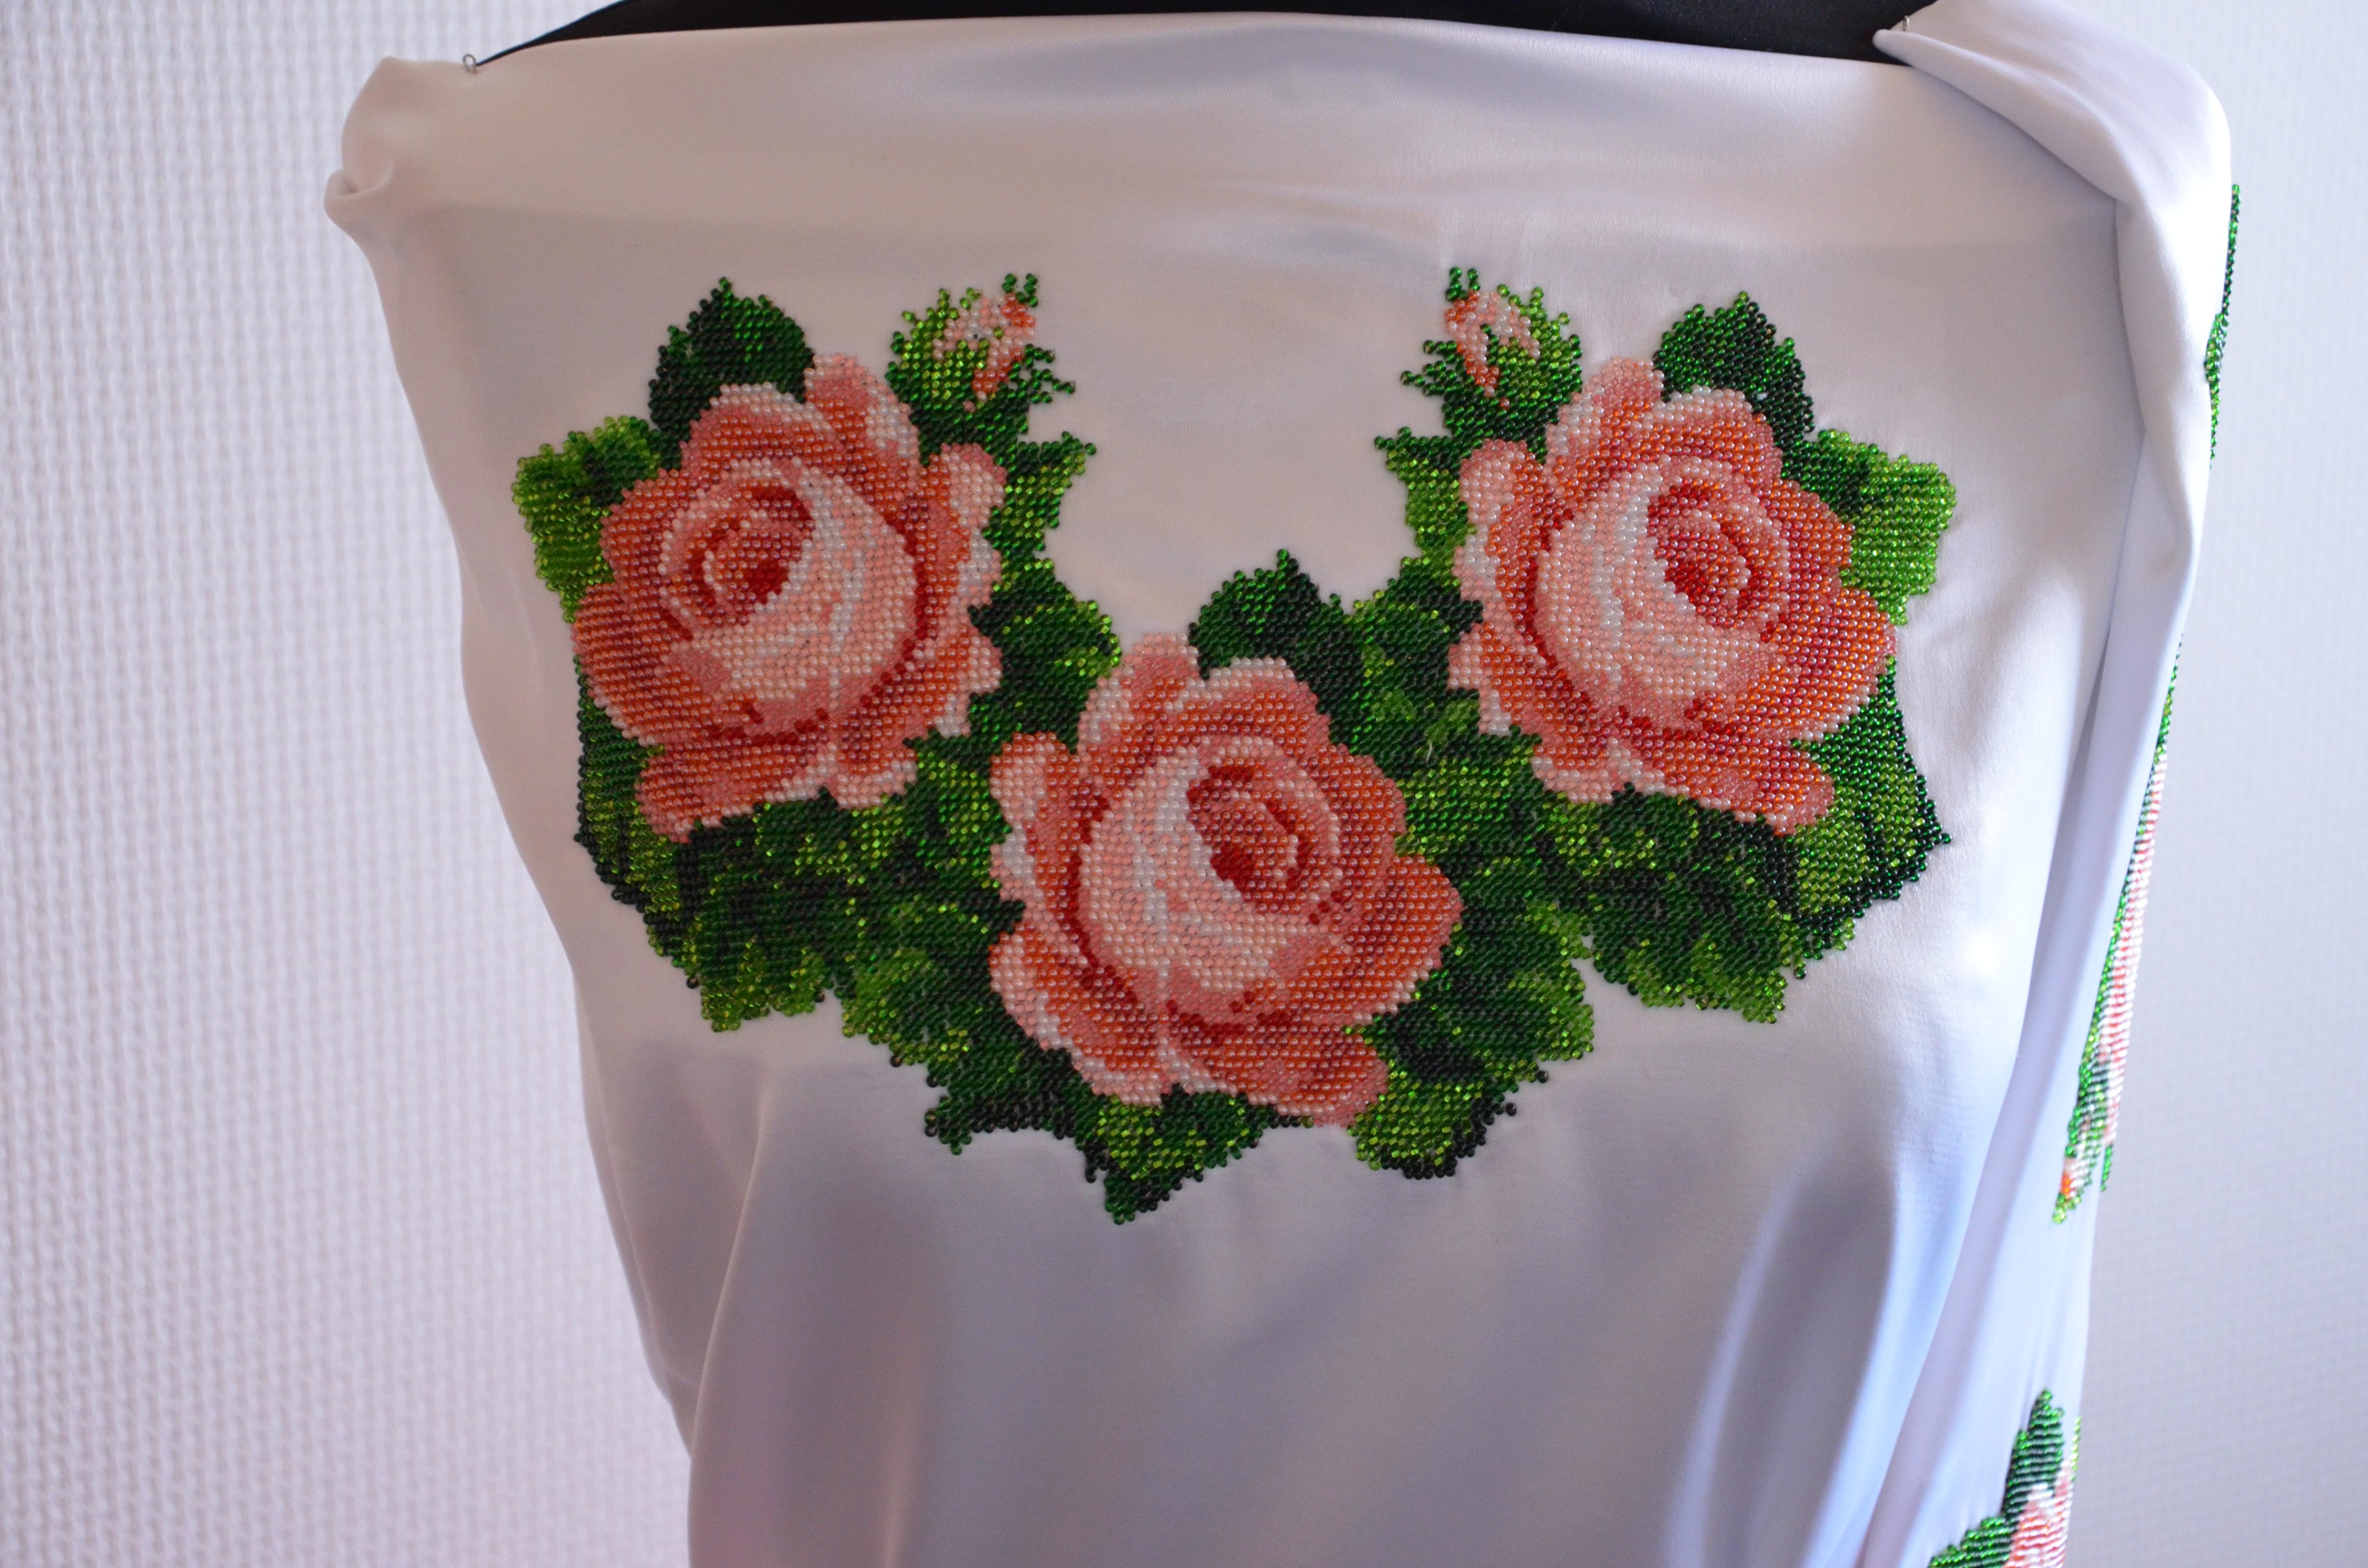 Вишита сорочка бісером СЖ - 2 - Товари - Схеми для вишивки бісером ... 1bb0806cdaed5